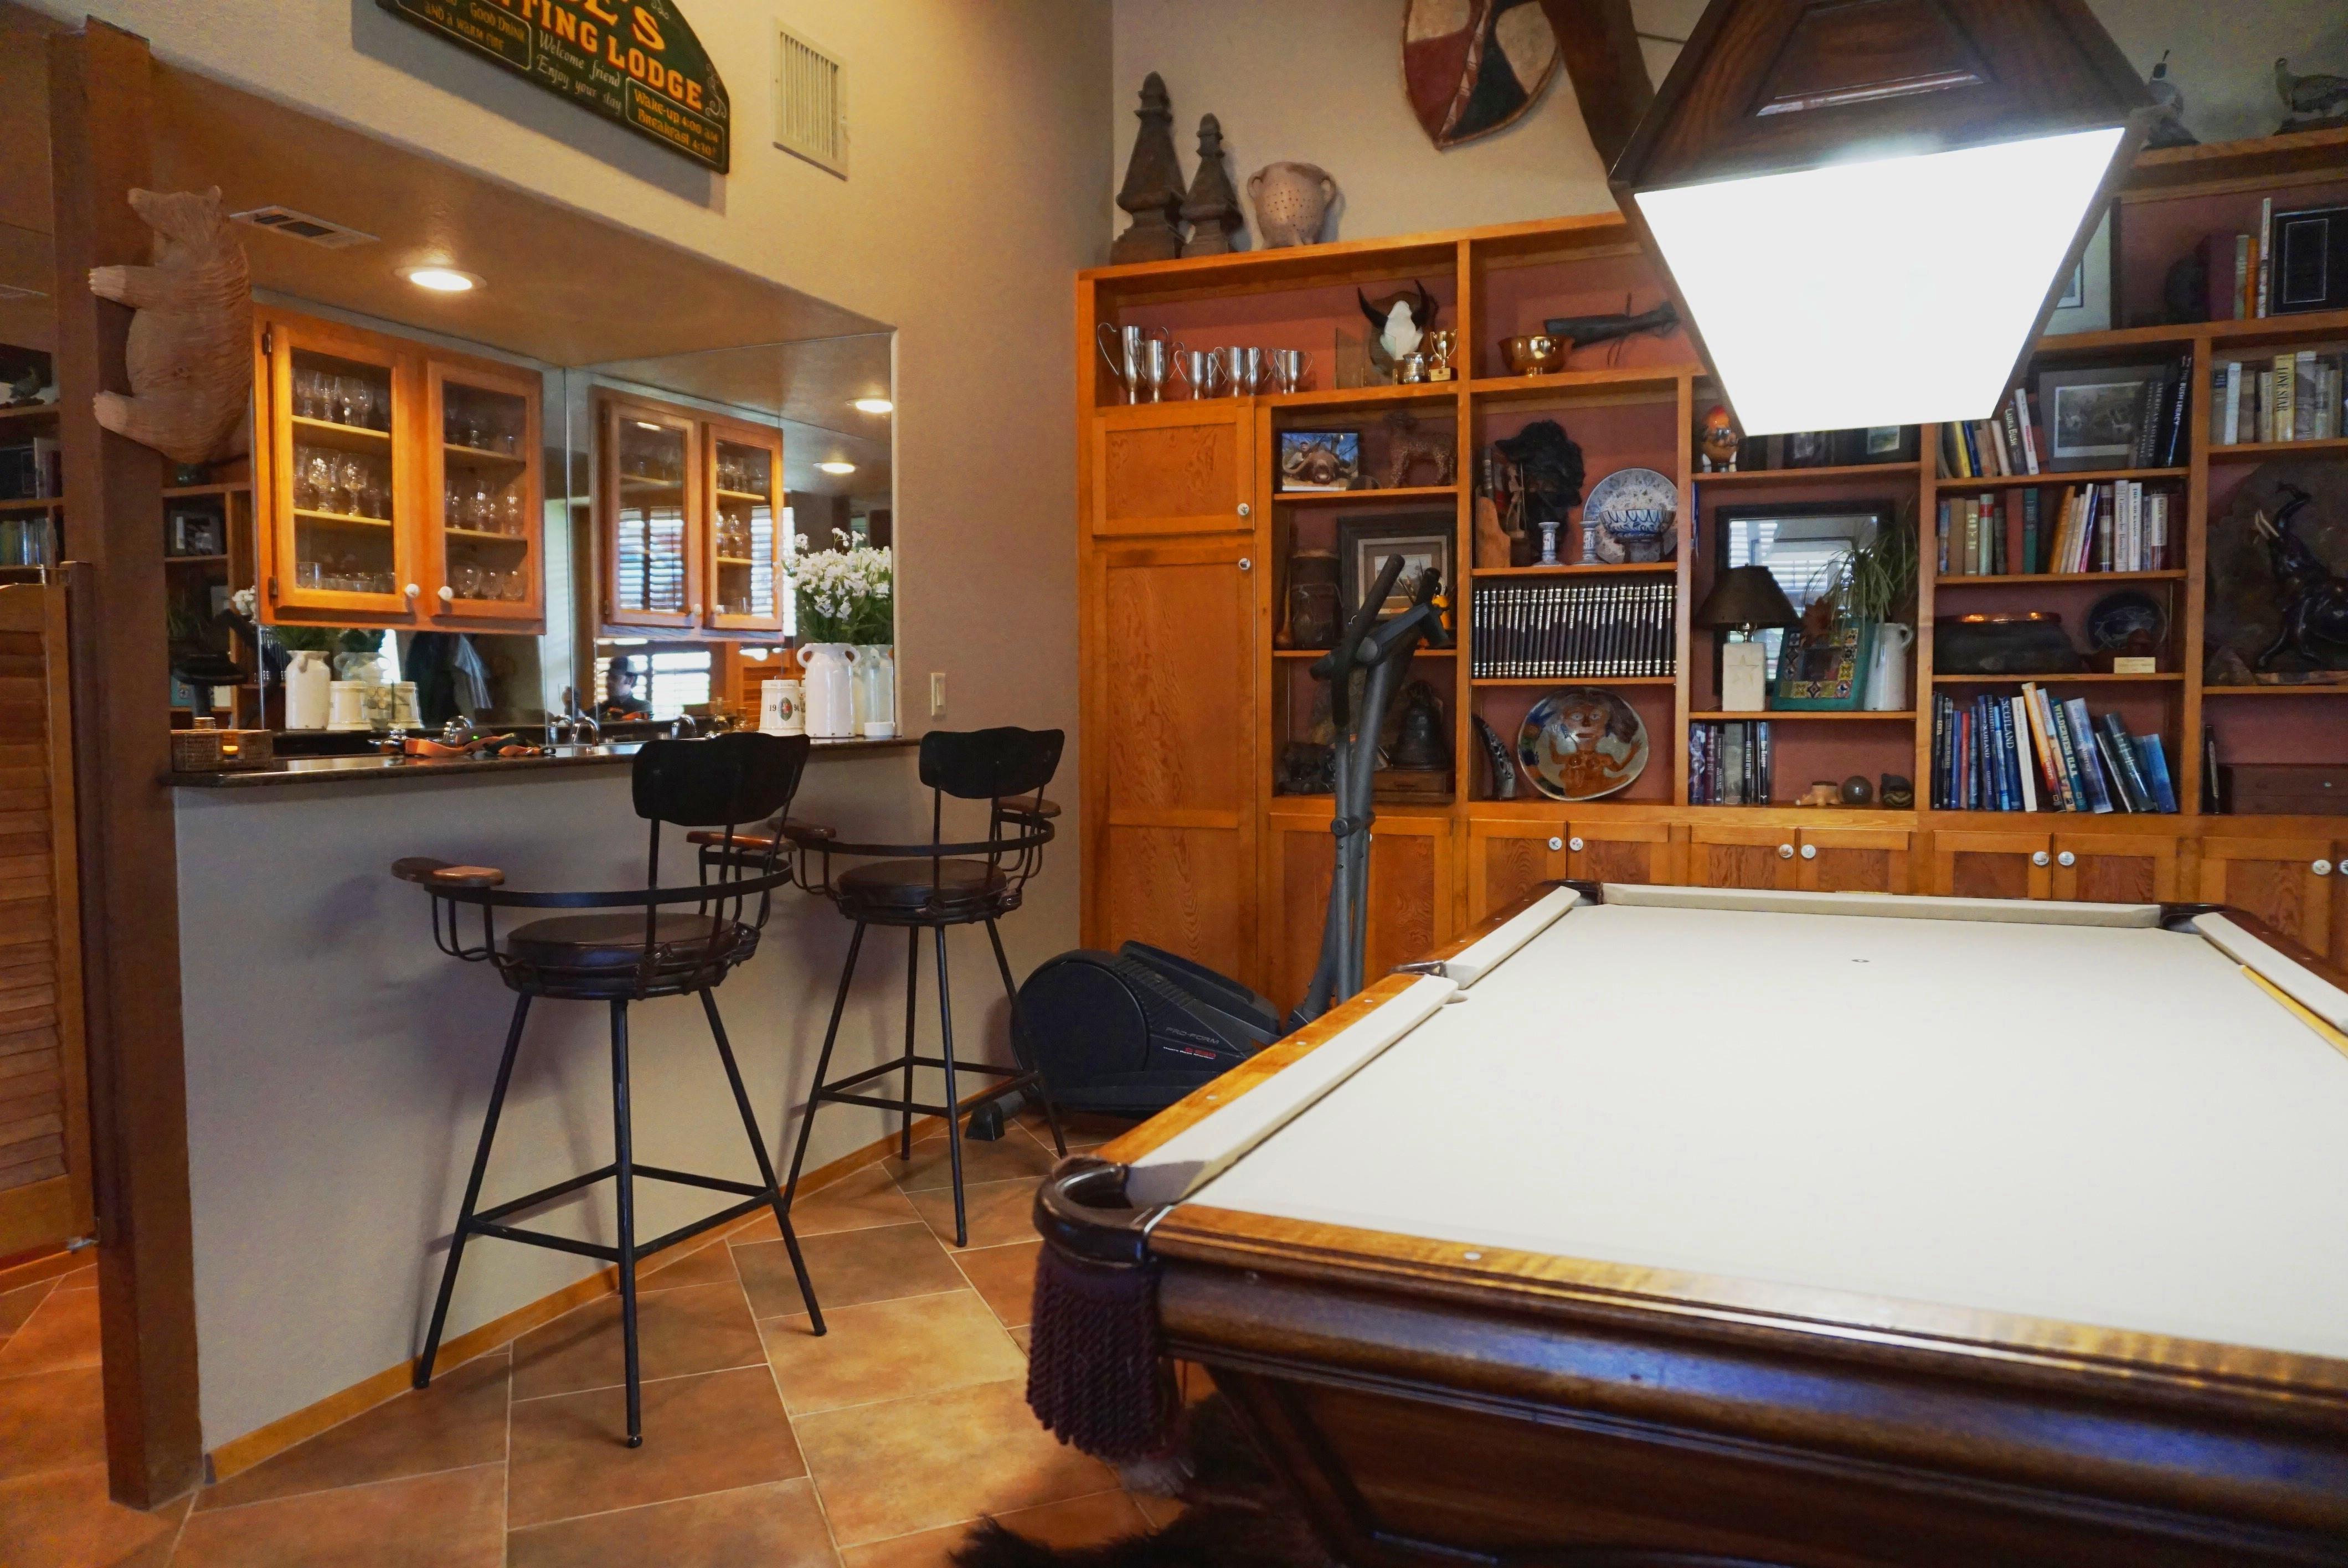 pool table / bar